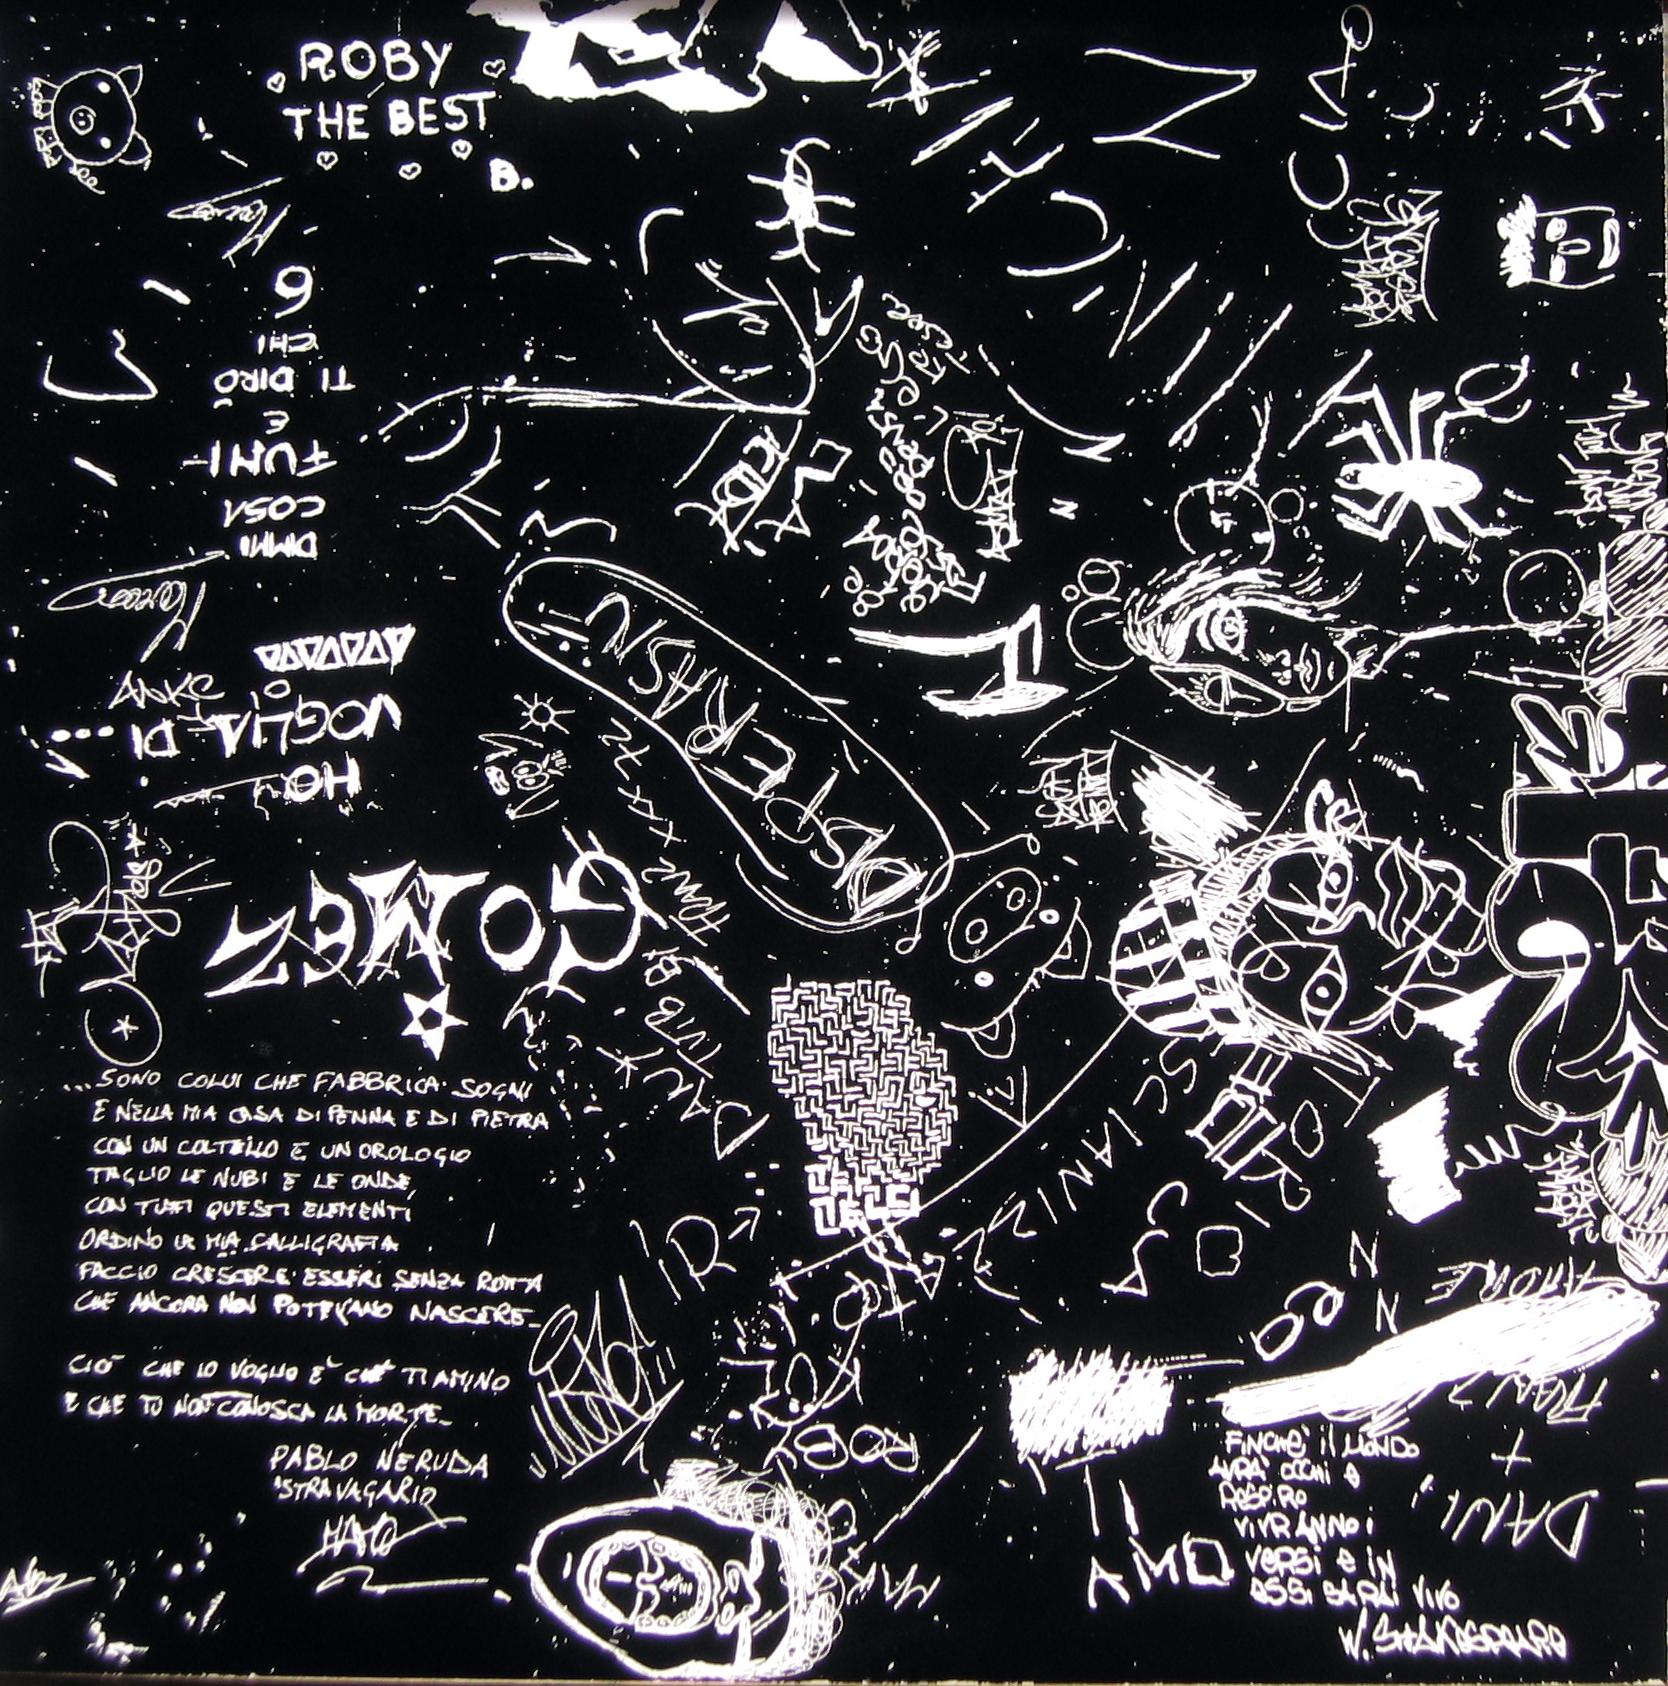 Salvatore Falci, 1986 - 2006, Vetro Art caffè ROBY